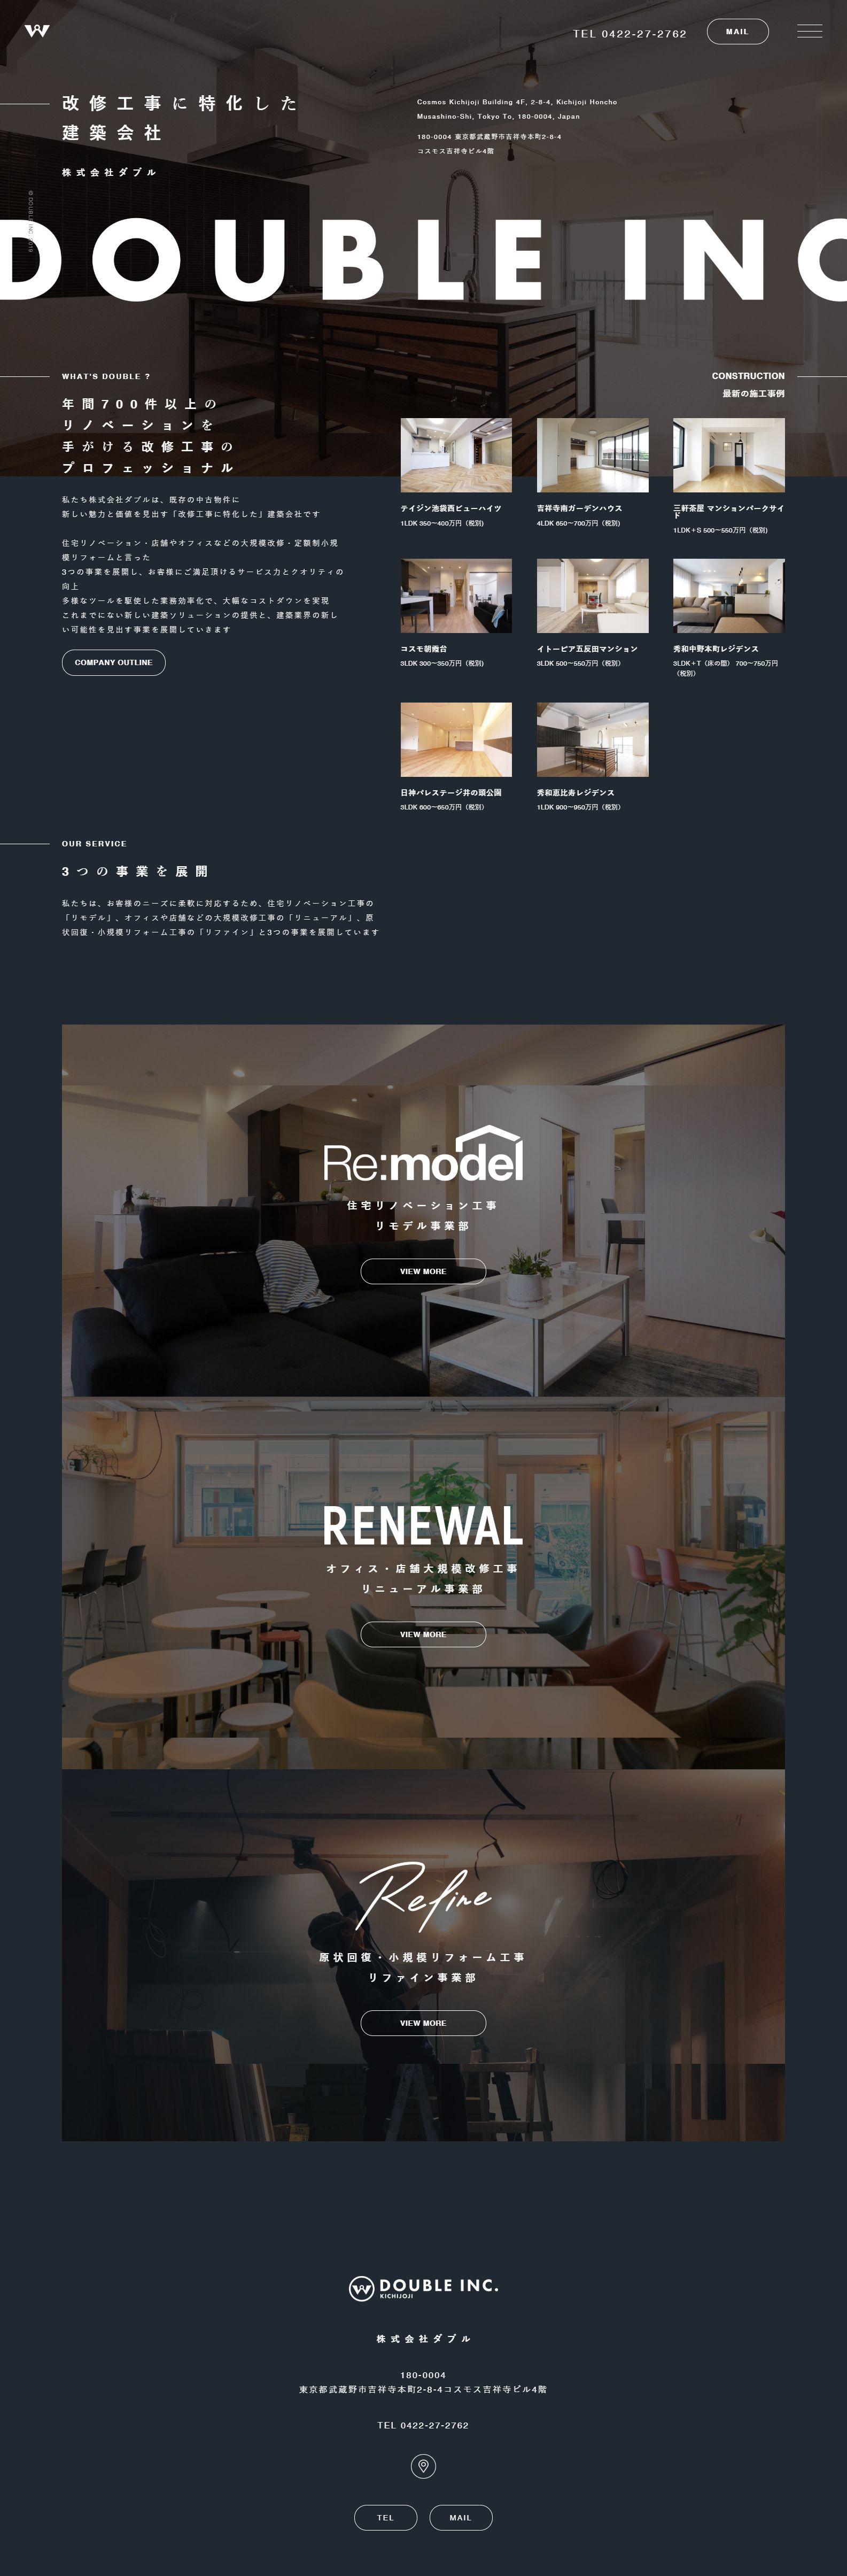 サイト見本 おしゃれまとめの人気アイデア Pinterest Chao Yamamoto Lp デザイン Webデザイン デザイン